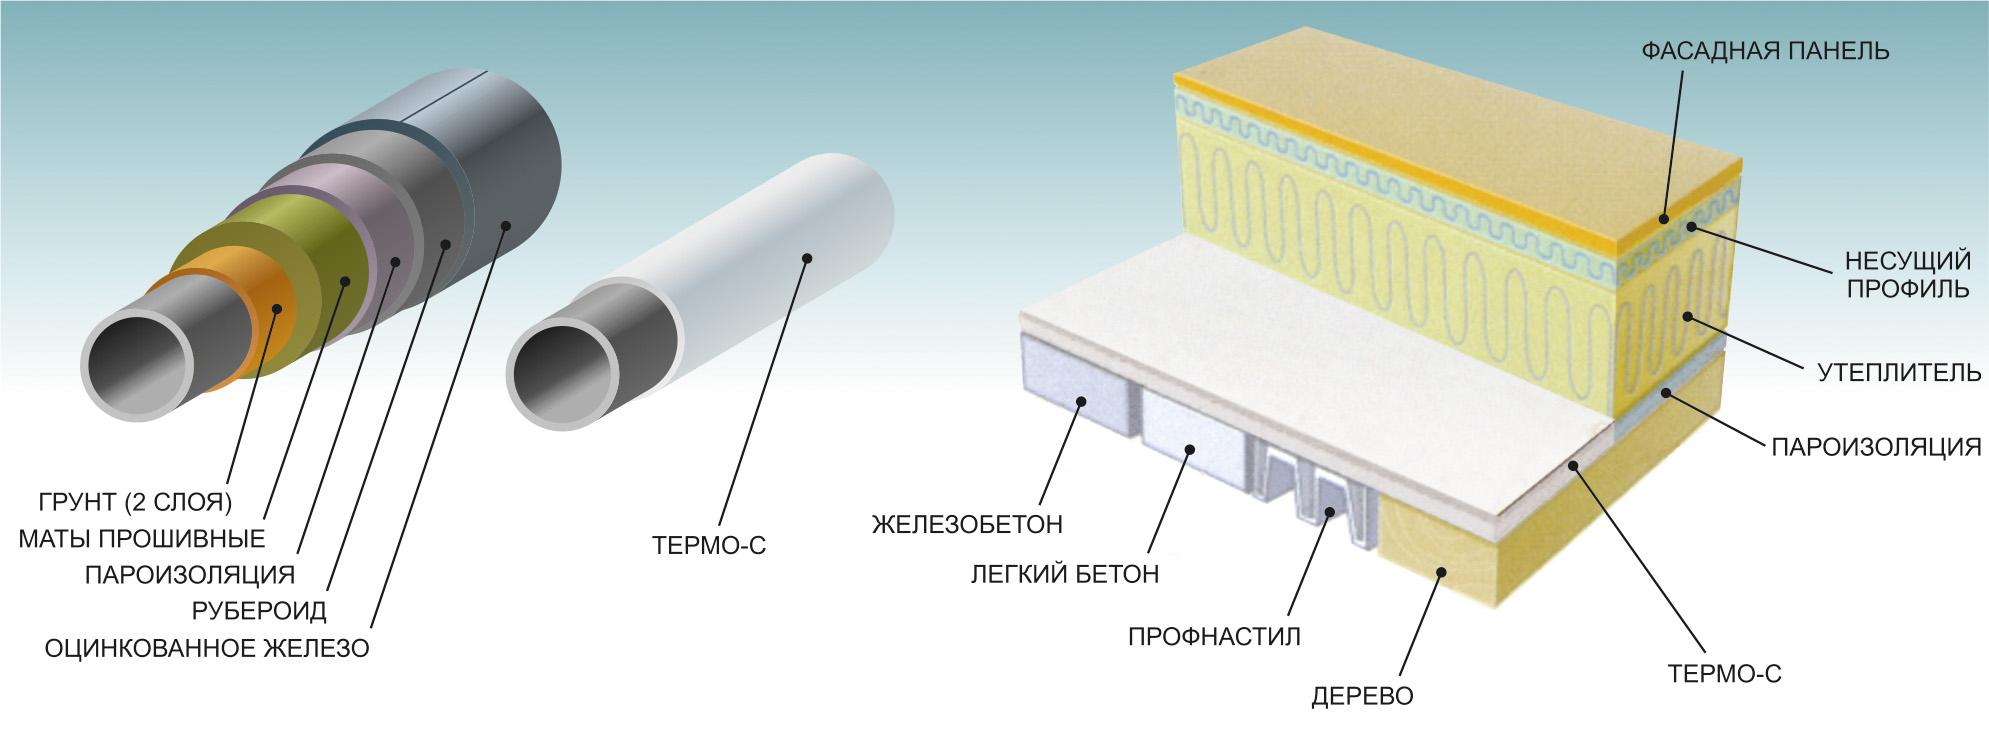 Недолговечность минеральной ваты жидкая теплоизоляция краска и мастика для бетонных полов в гаражах